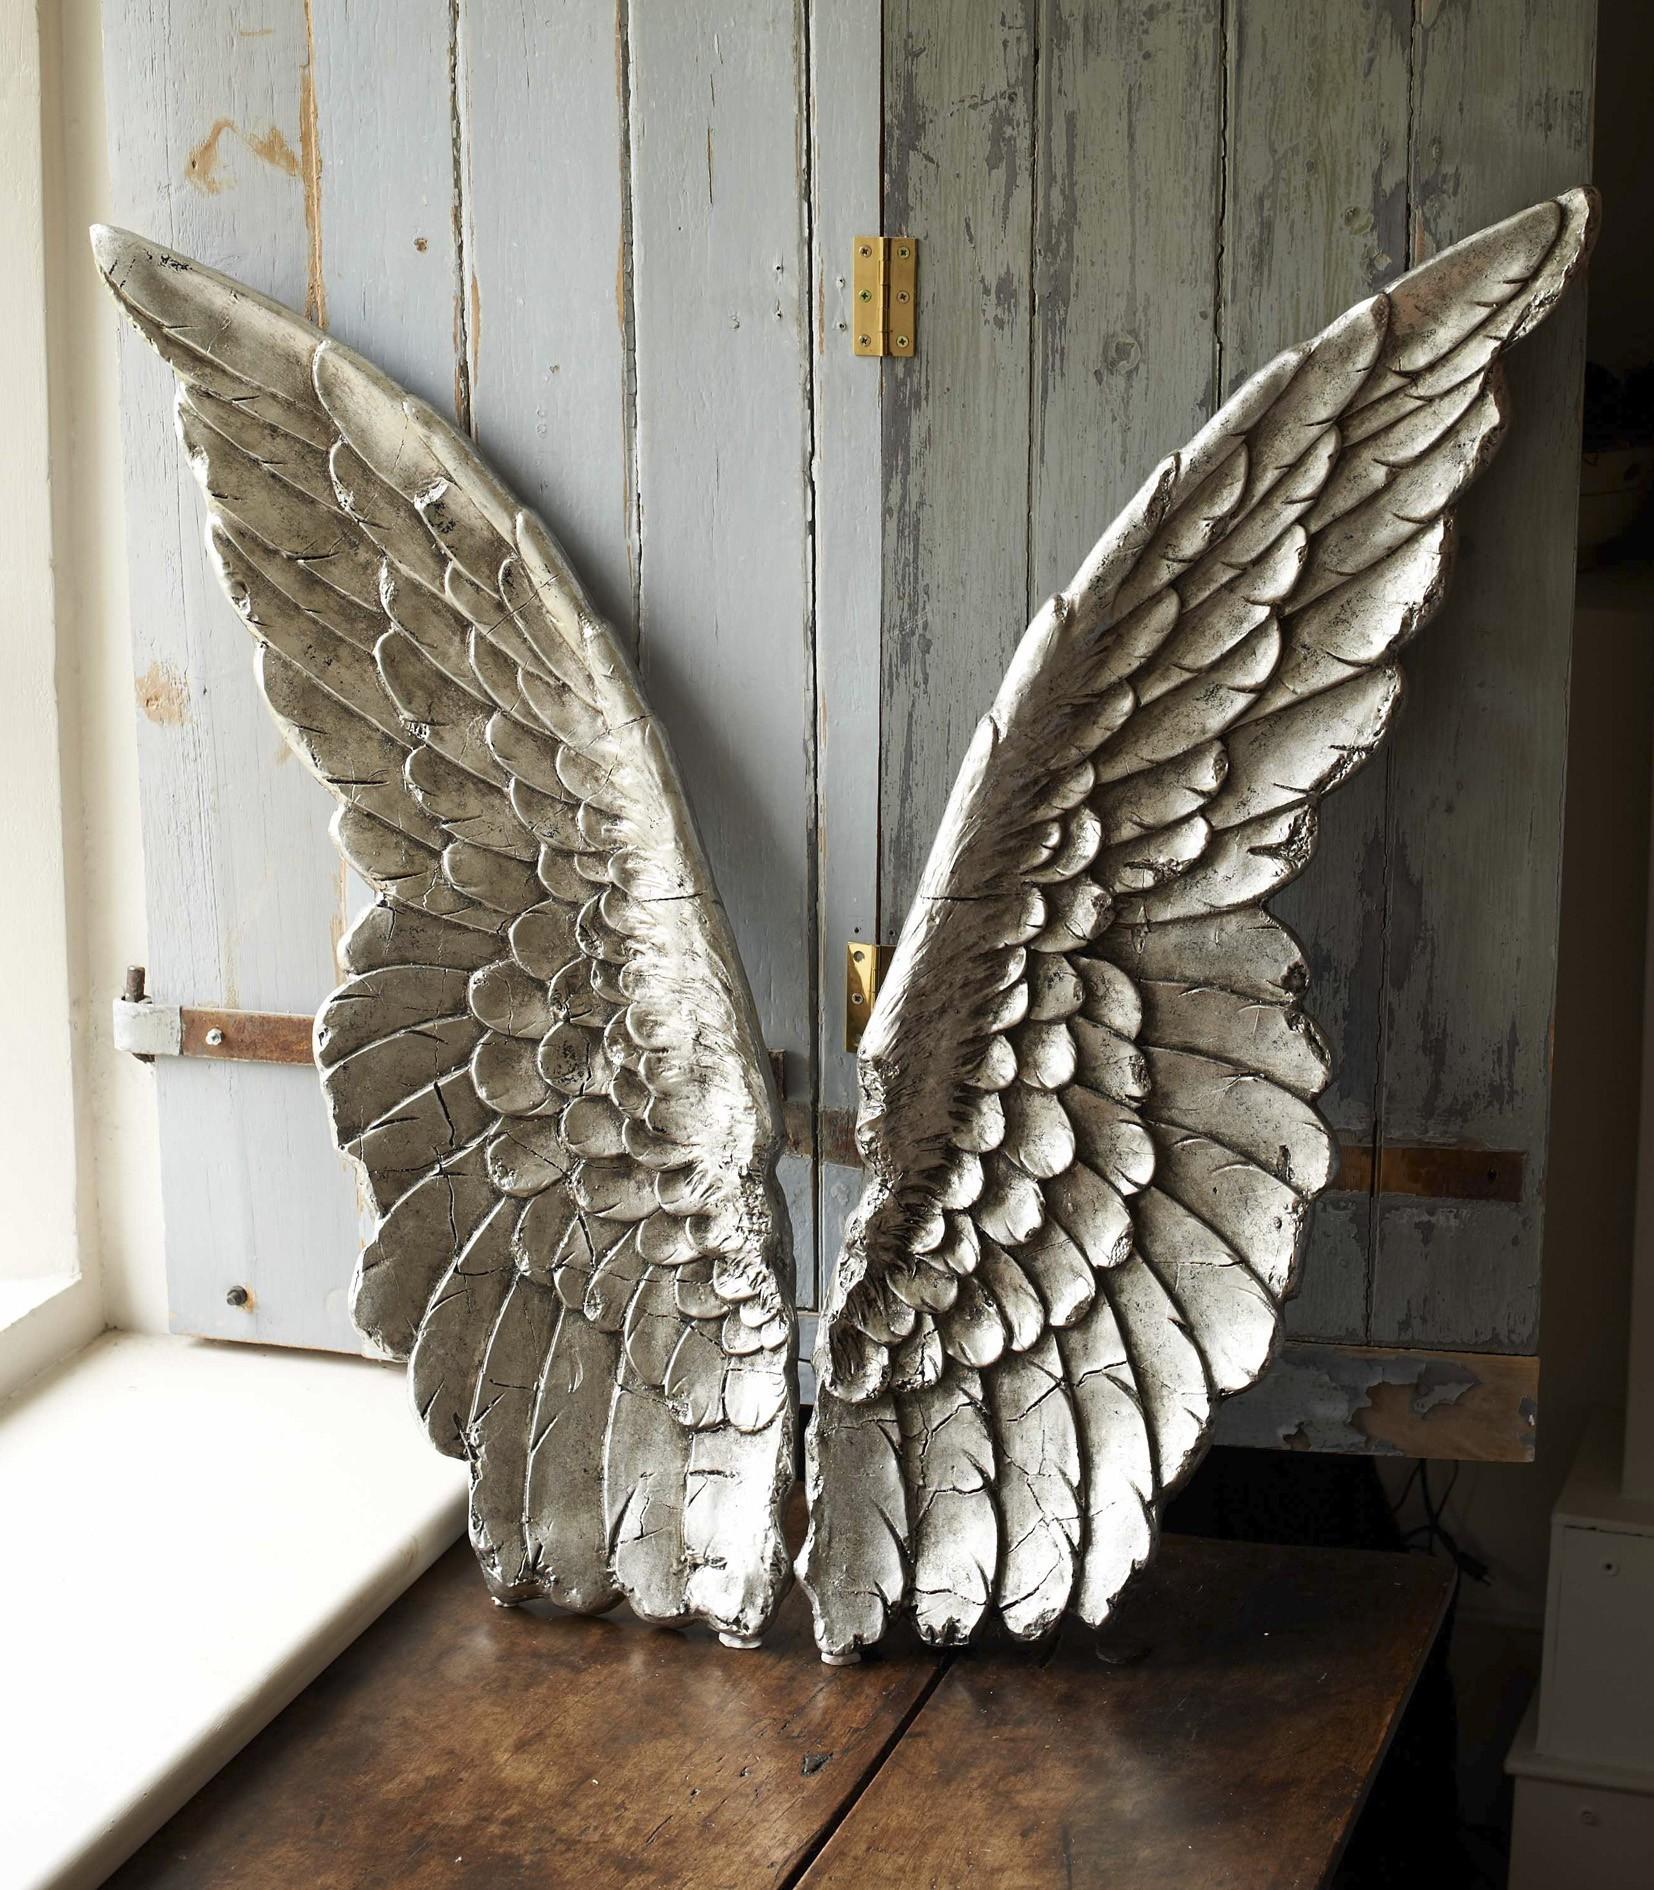 Eccezionale Sfondi : Ali, scultura, davanzale della finestra, ARTE, uccello  RU24